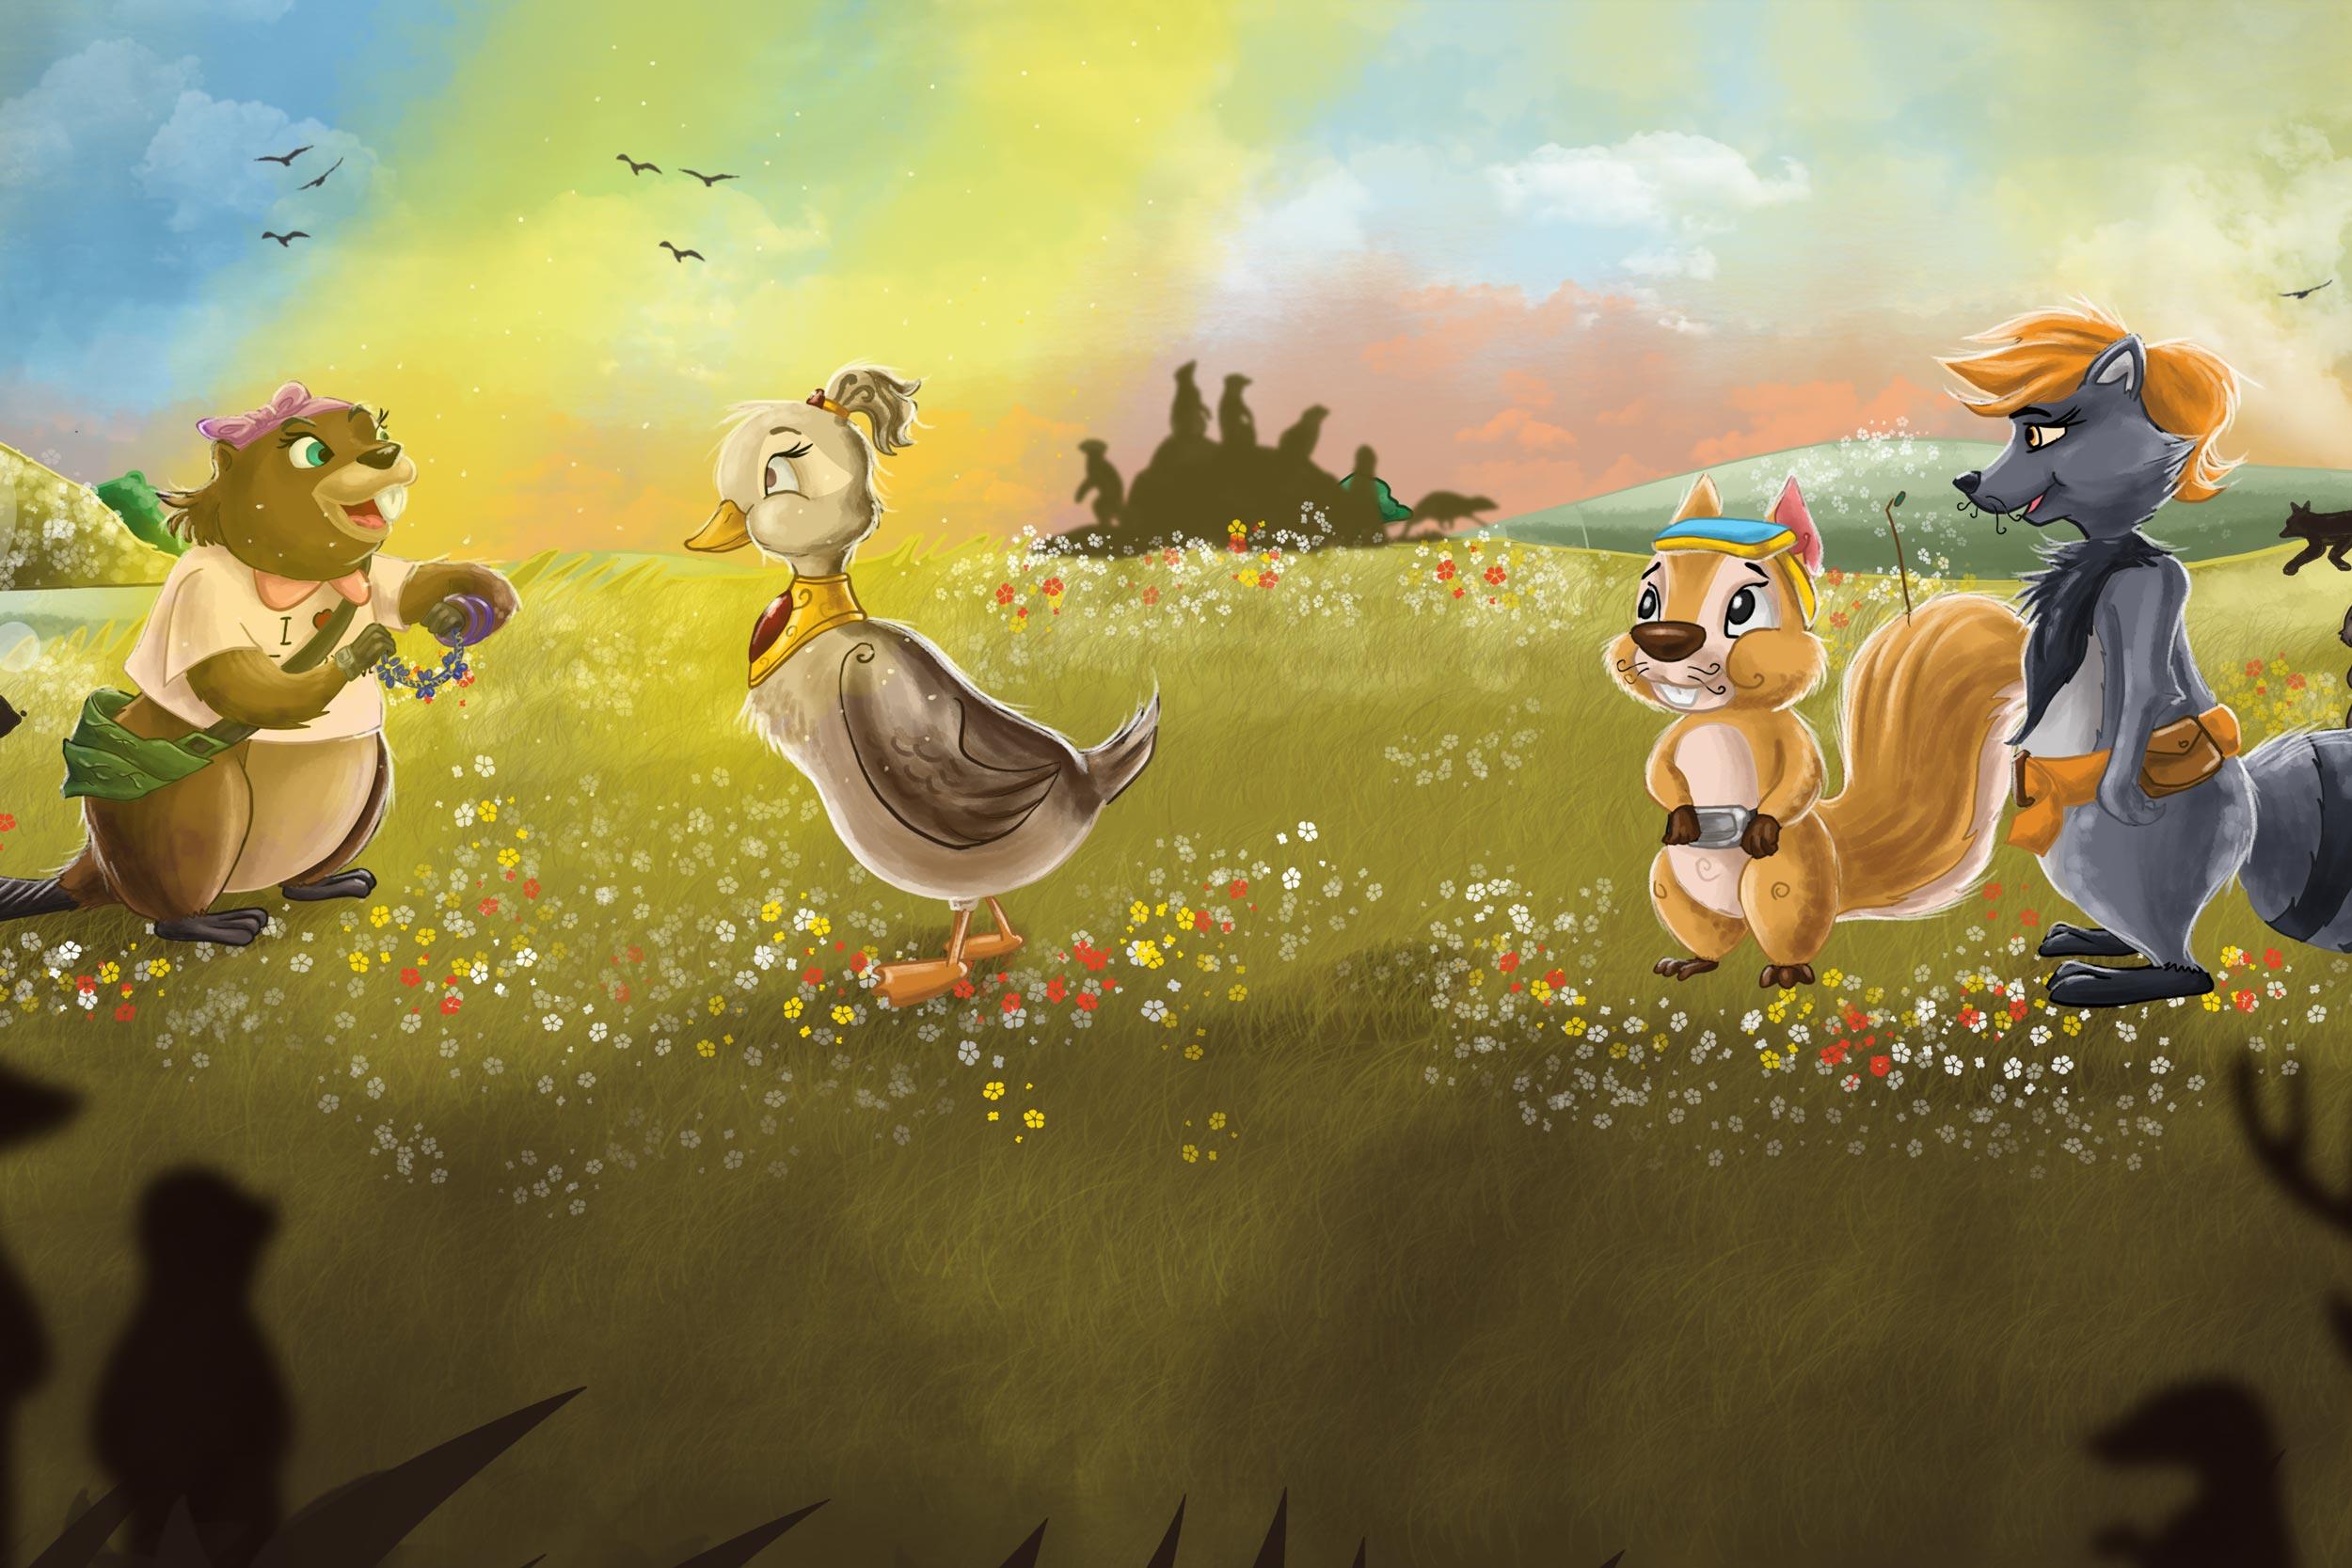 journey-of-puddle-christian-illustrated-children-books-illustration-8.jpg